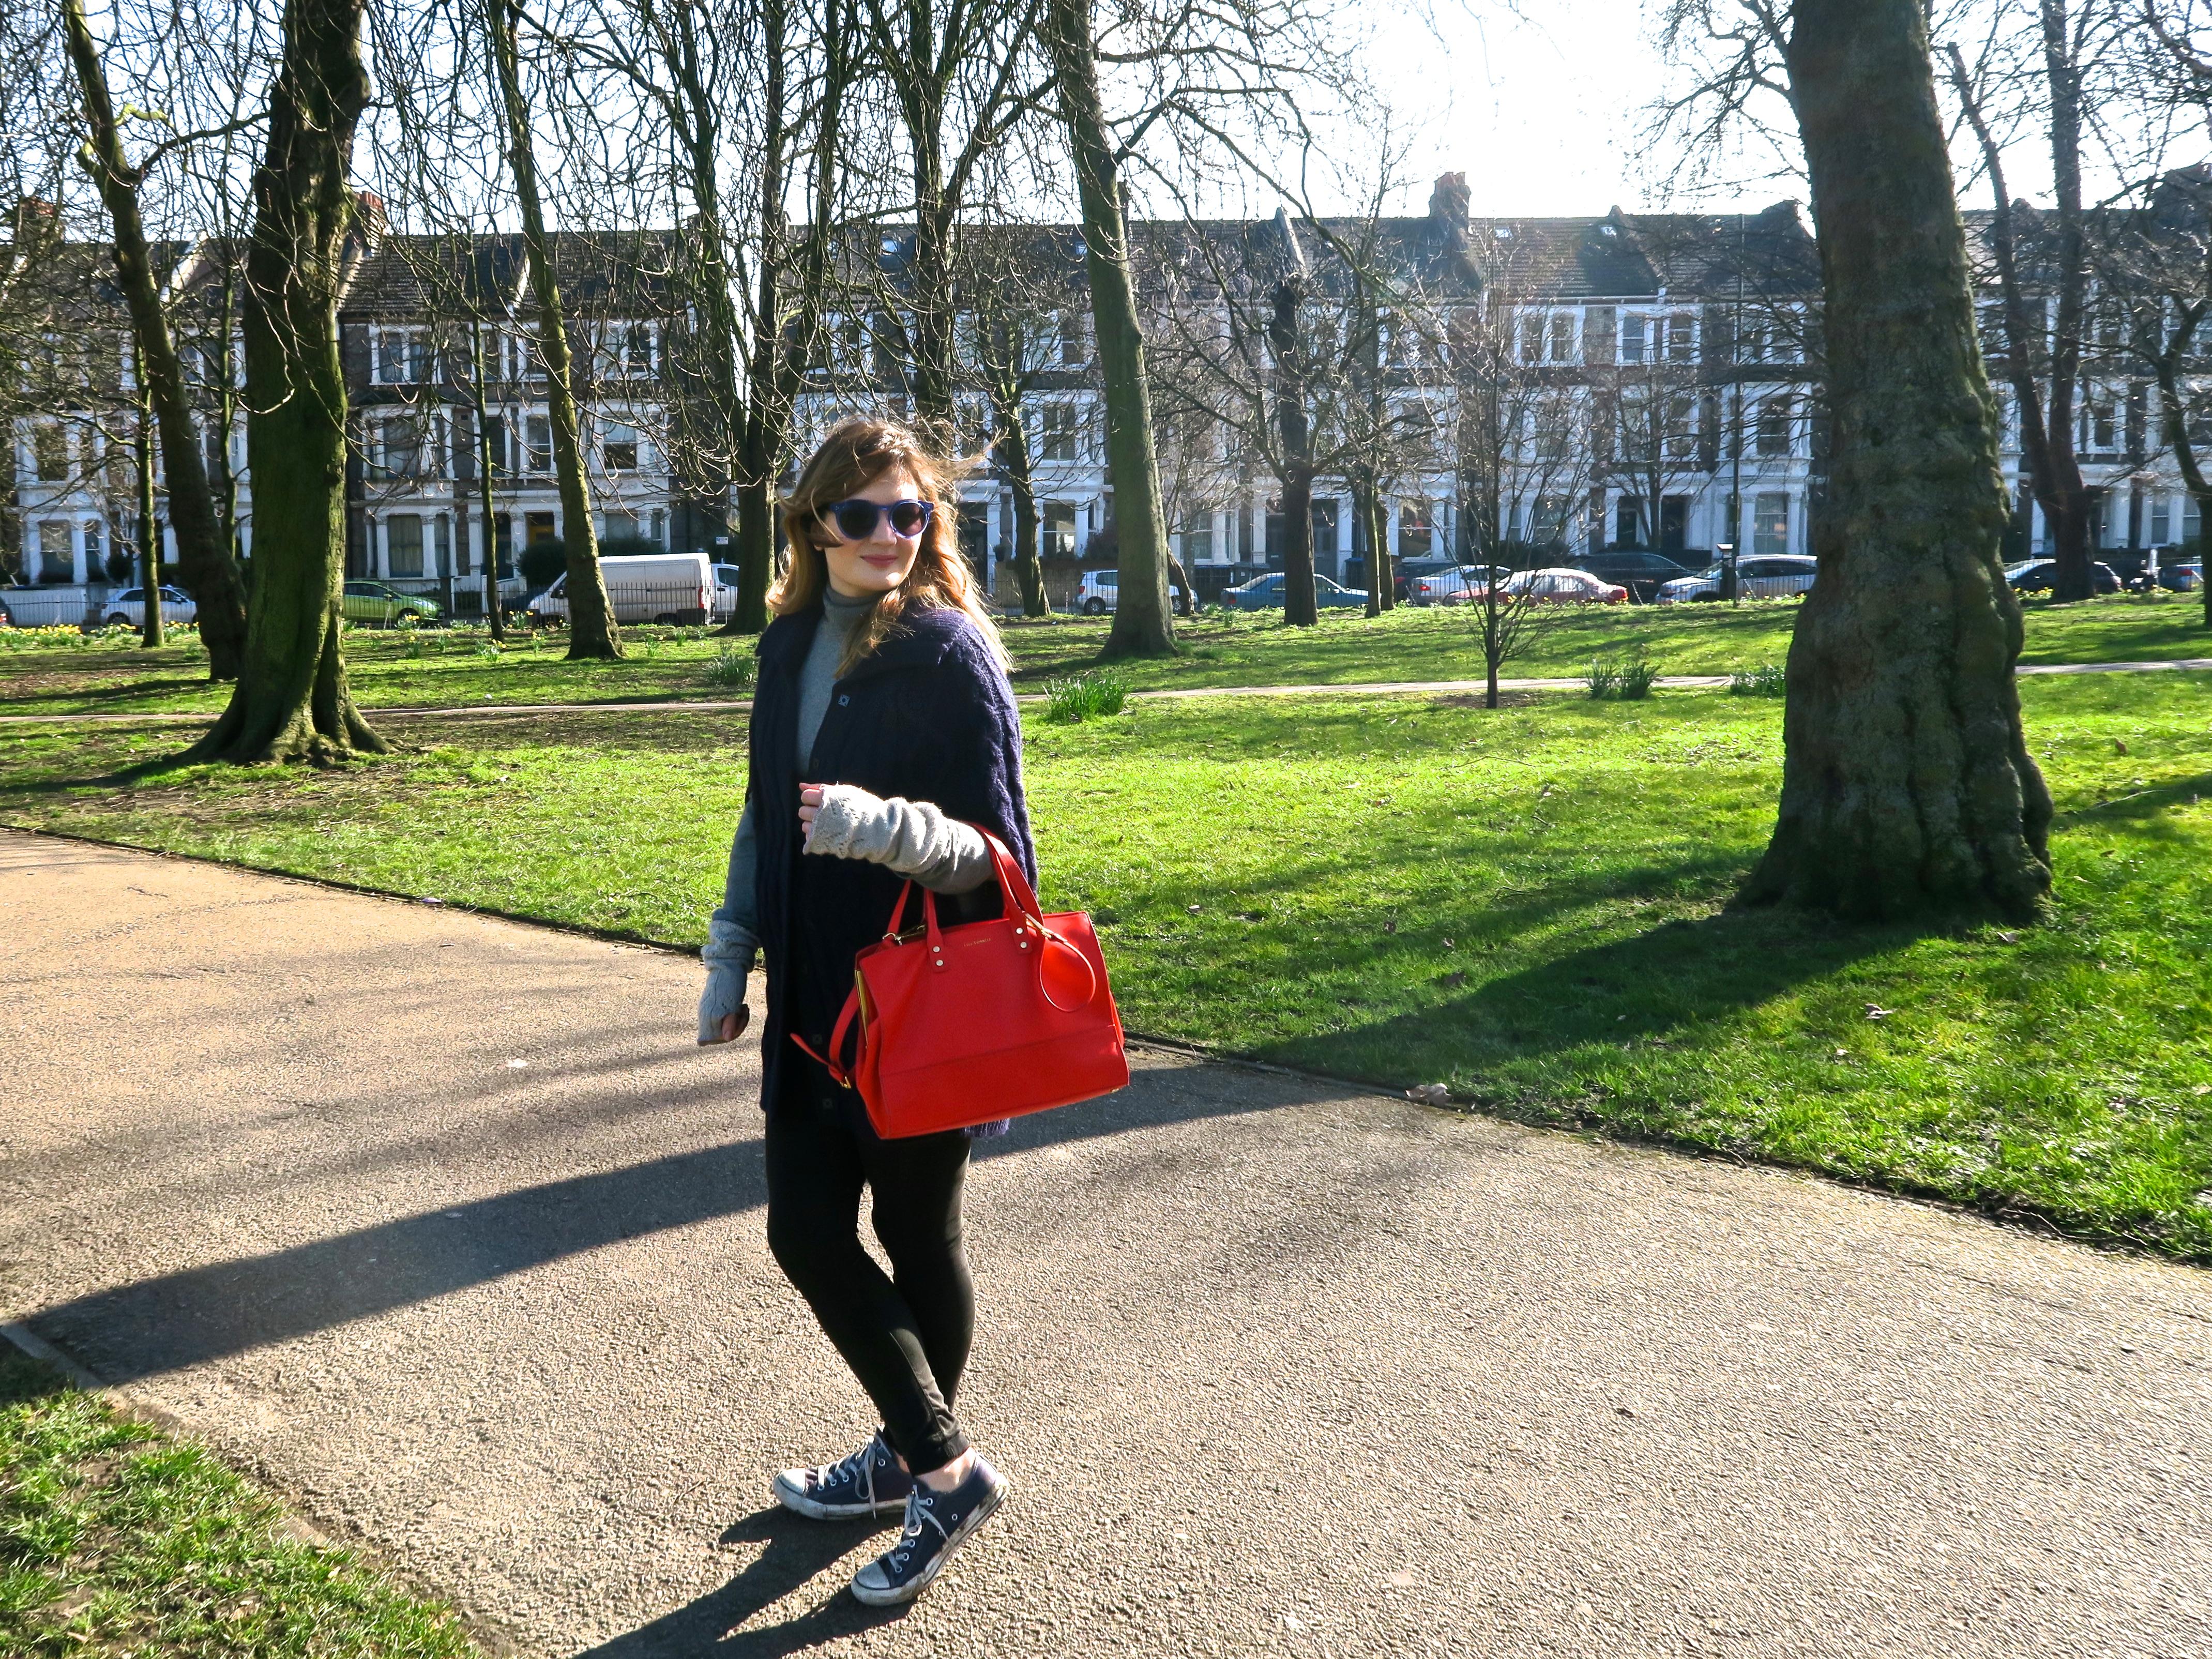 OOTD Walking In The Park